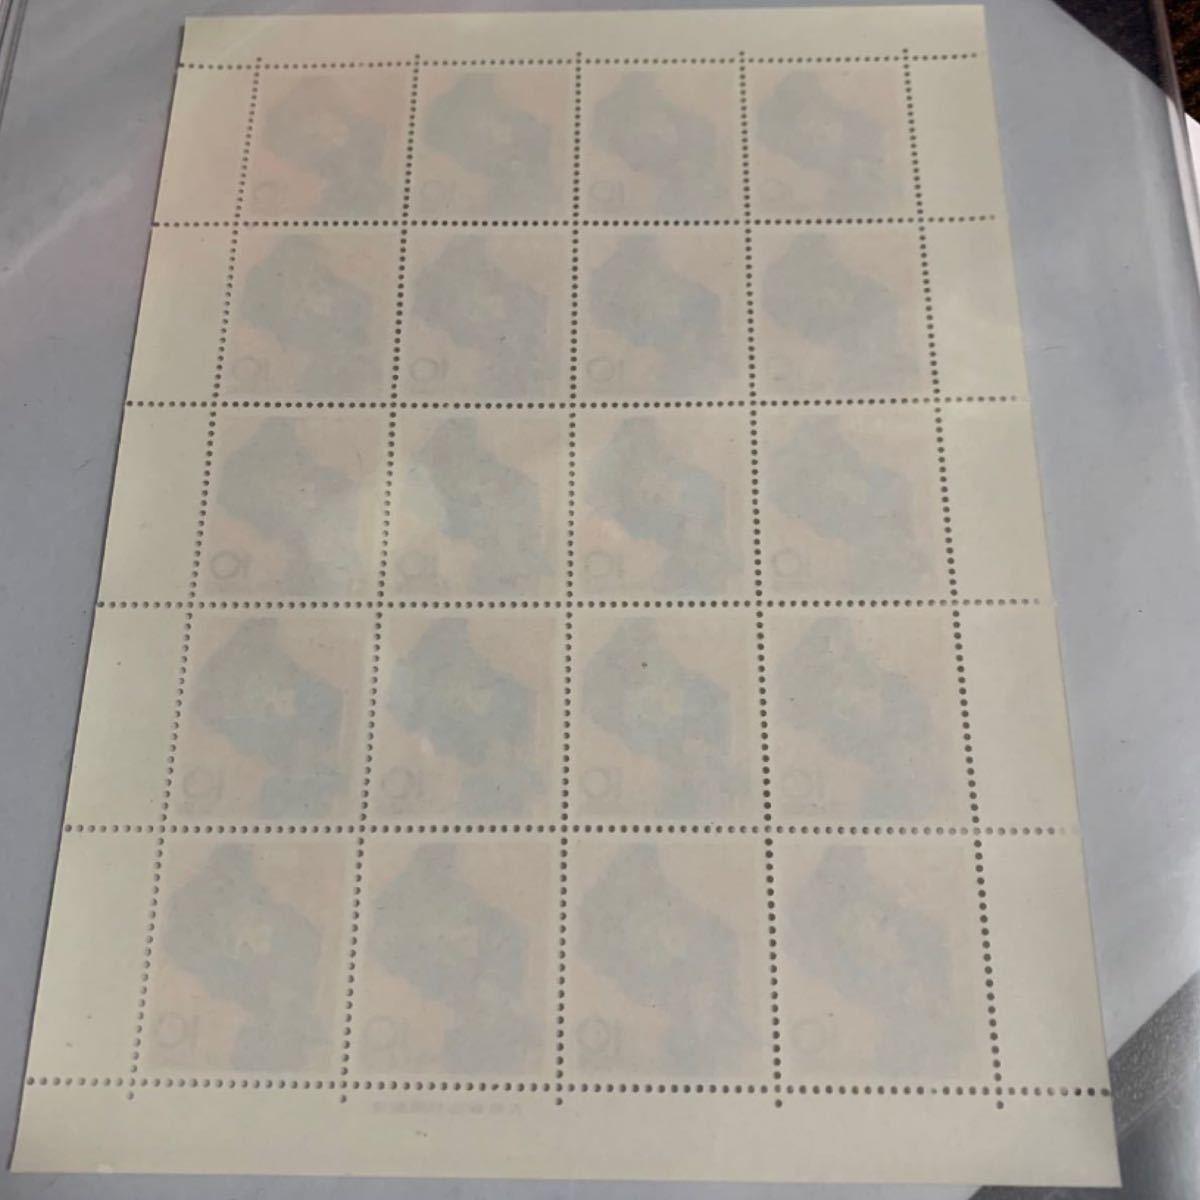 ガールスカウトアジア大会記念 昭和38年 切手 切手シート 記念切手